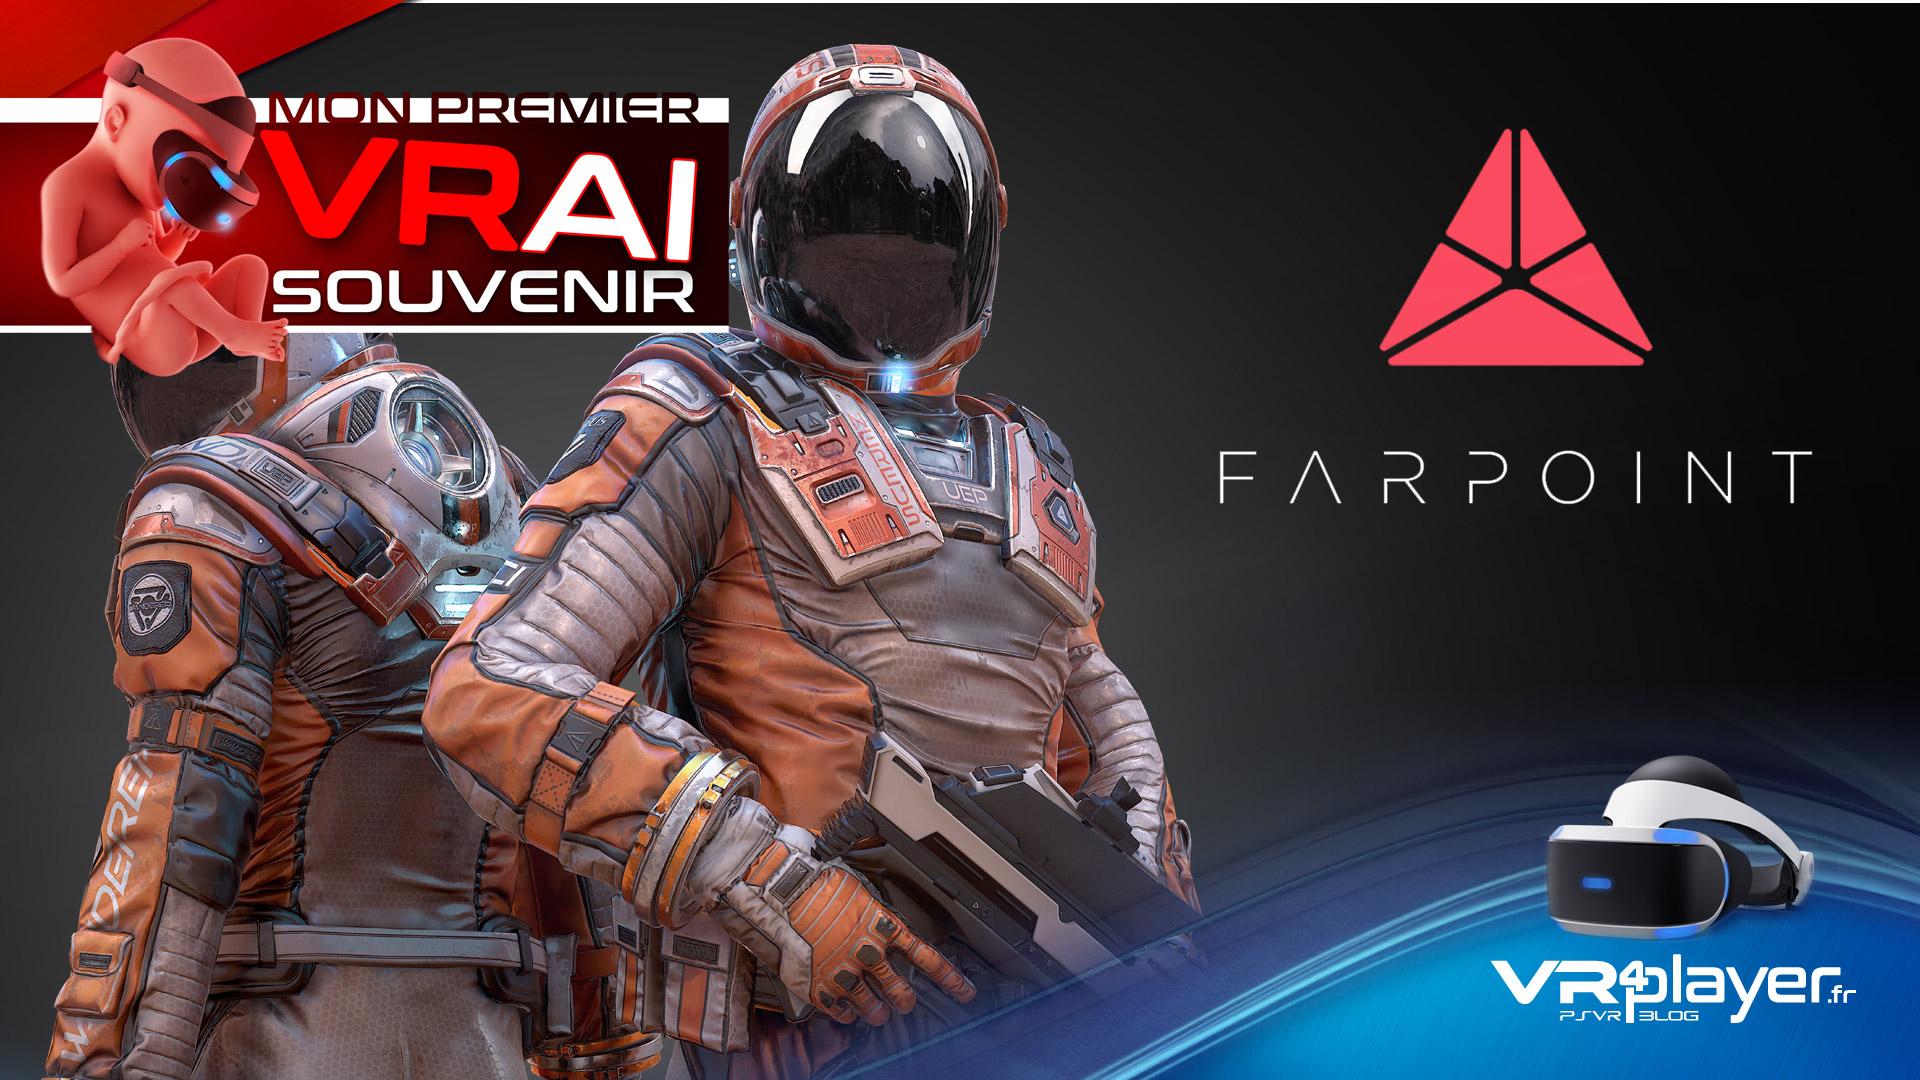 Mon premier VRai Souvenir Episode 3 : Farpoint - vr4player.fr